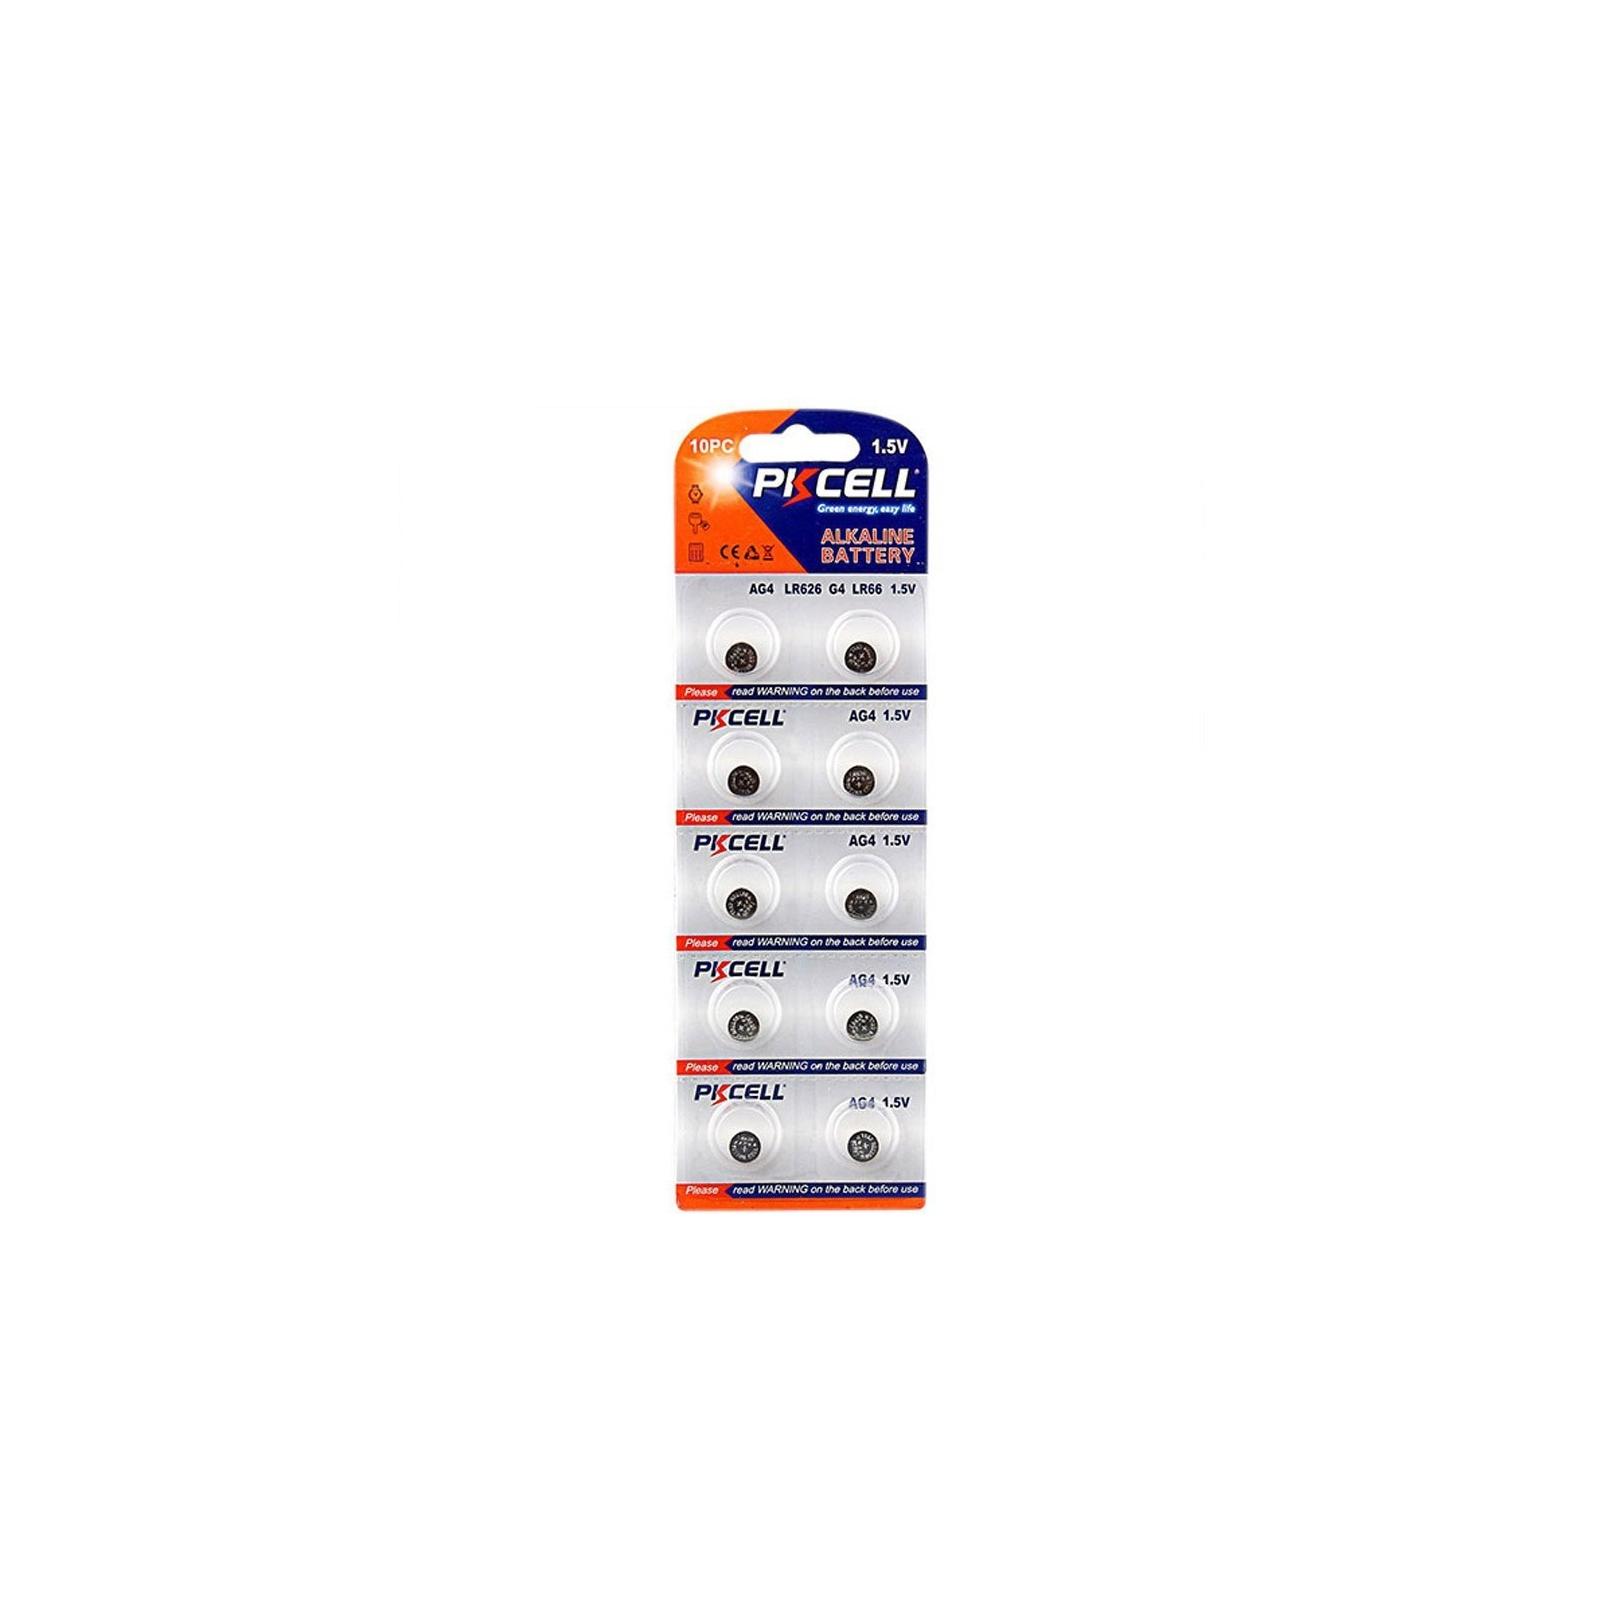 10 Piles Bouton AG4 Super Alcaline 1.5V PKCell